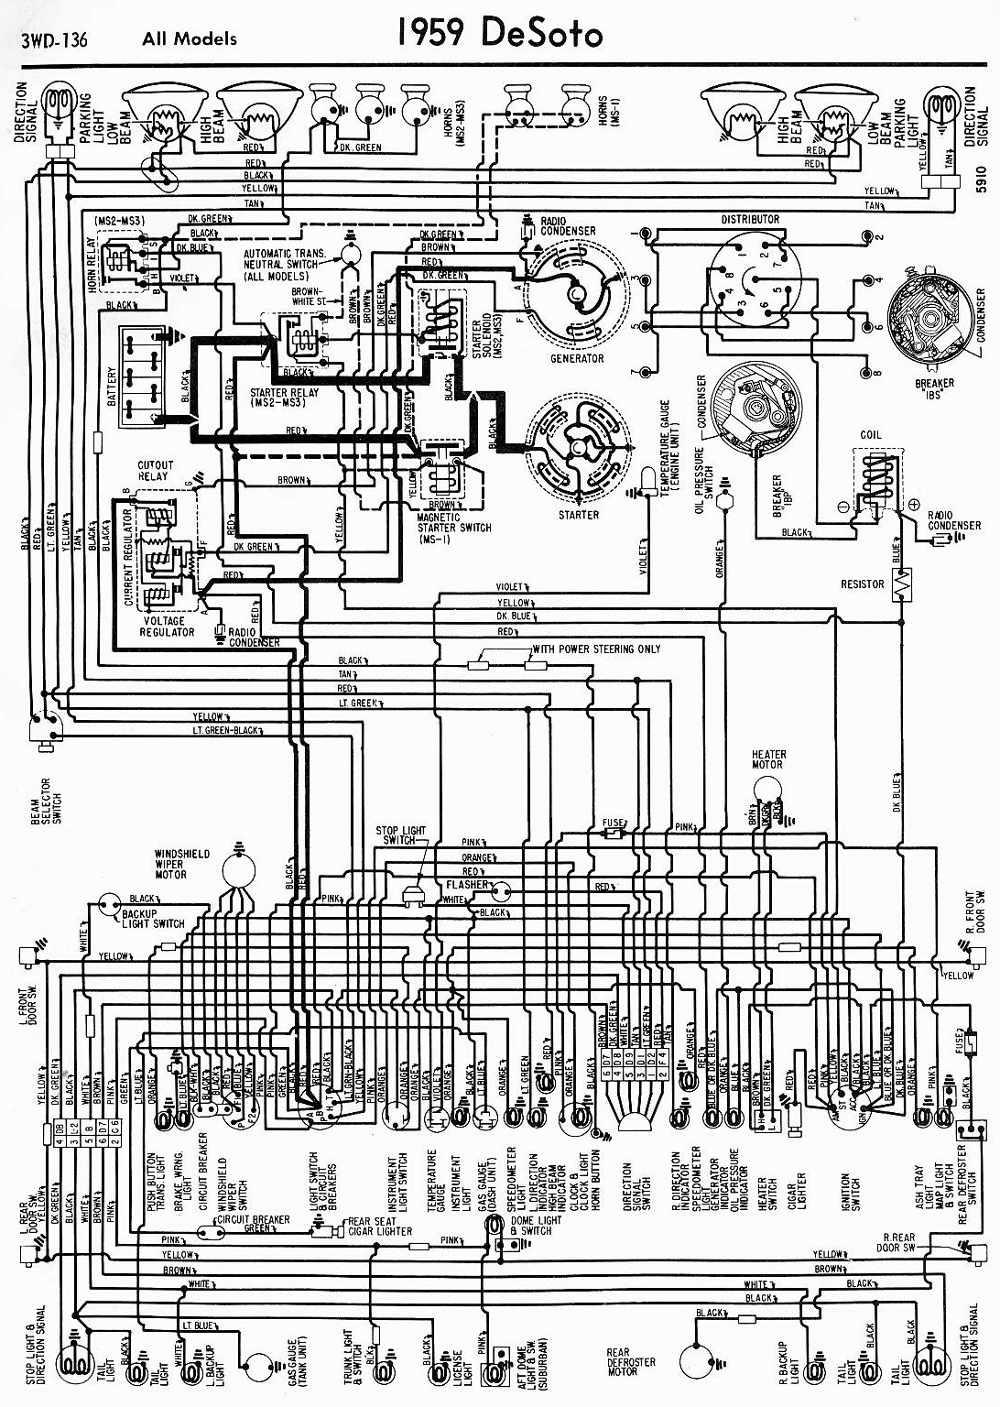 [DIAGRAM_5LK]  VD_6721] Wiring Diagrams Of 1959 Rambler 6 American Wiring Diagram | Desoto Wiring Diagram |  | Weasi Terst Ophag Embo Osuri Hendil Mohammedshrine Librar Wiring 101